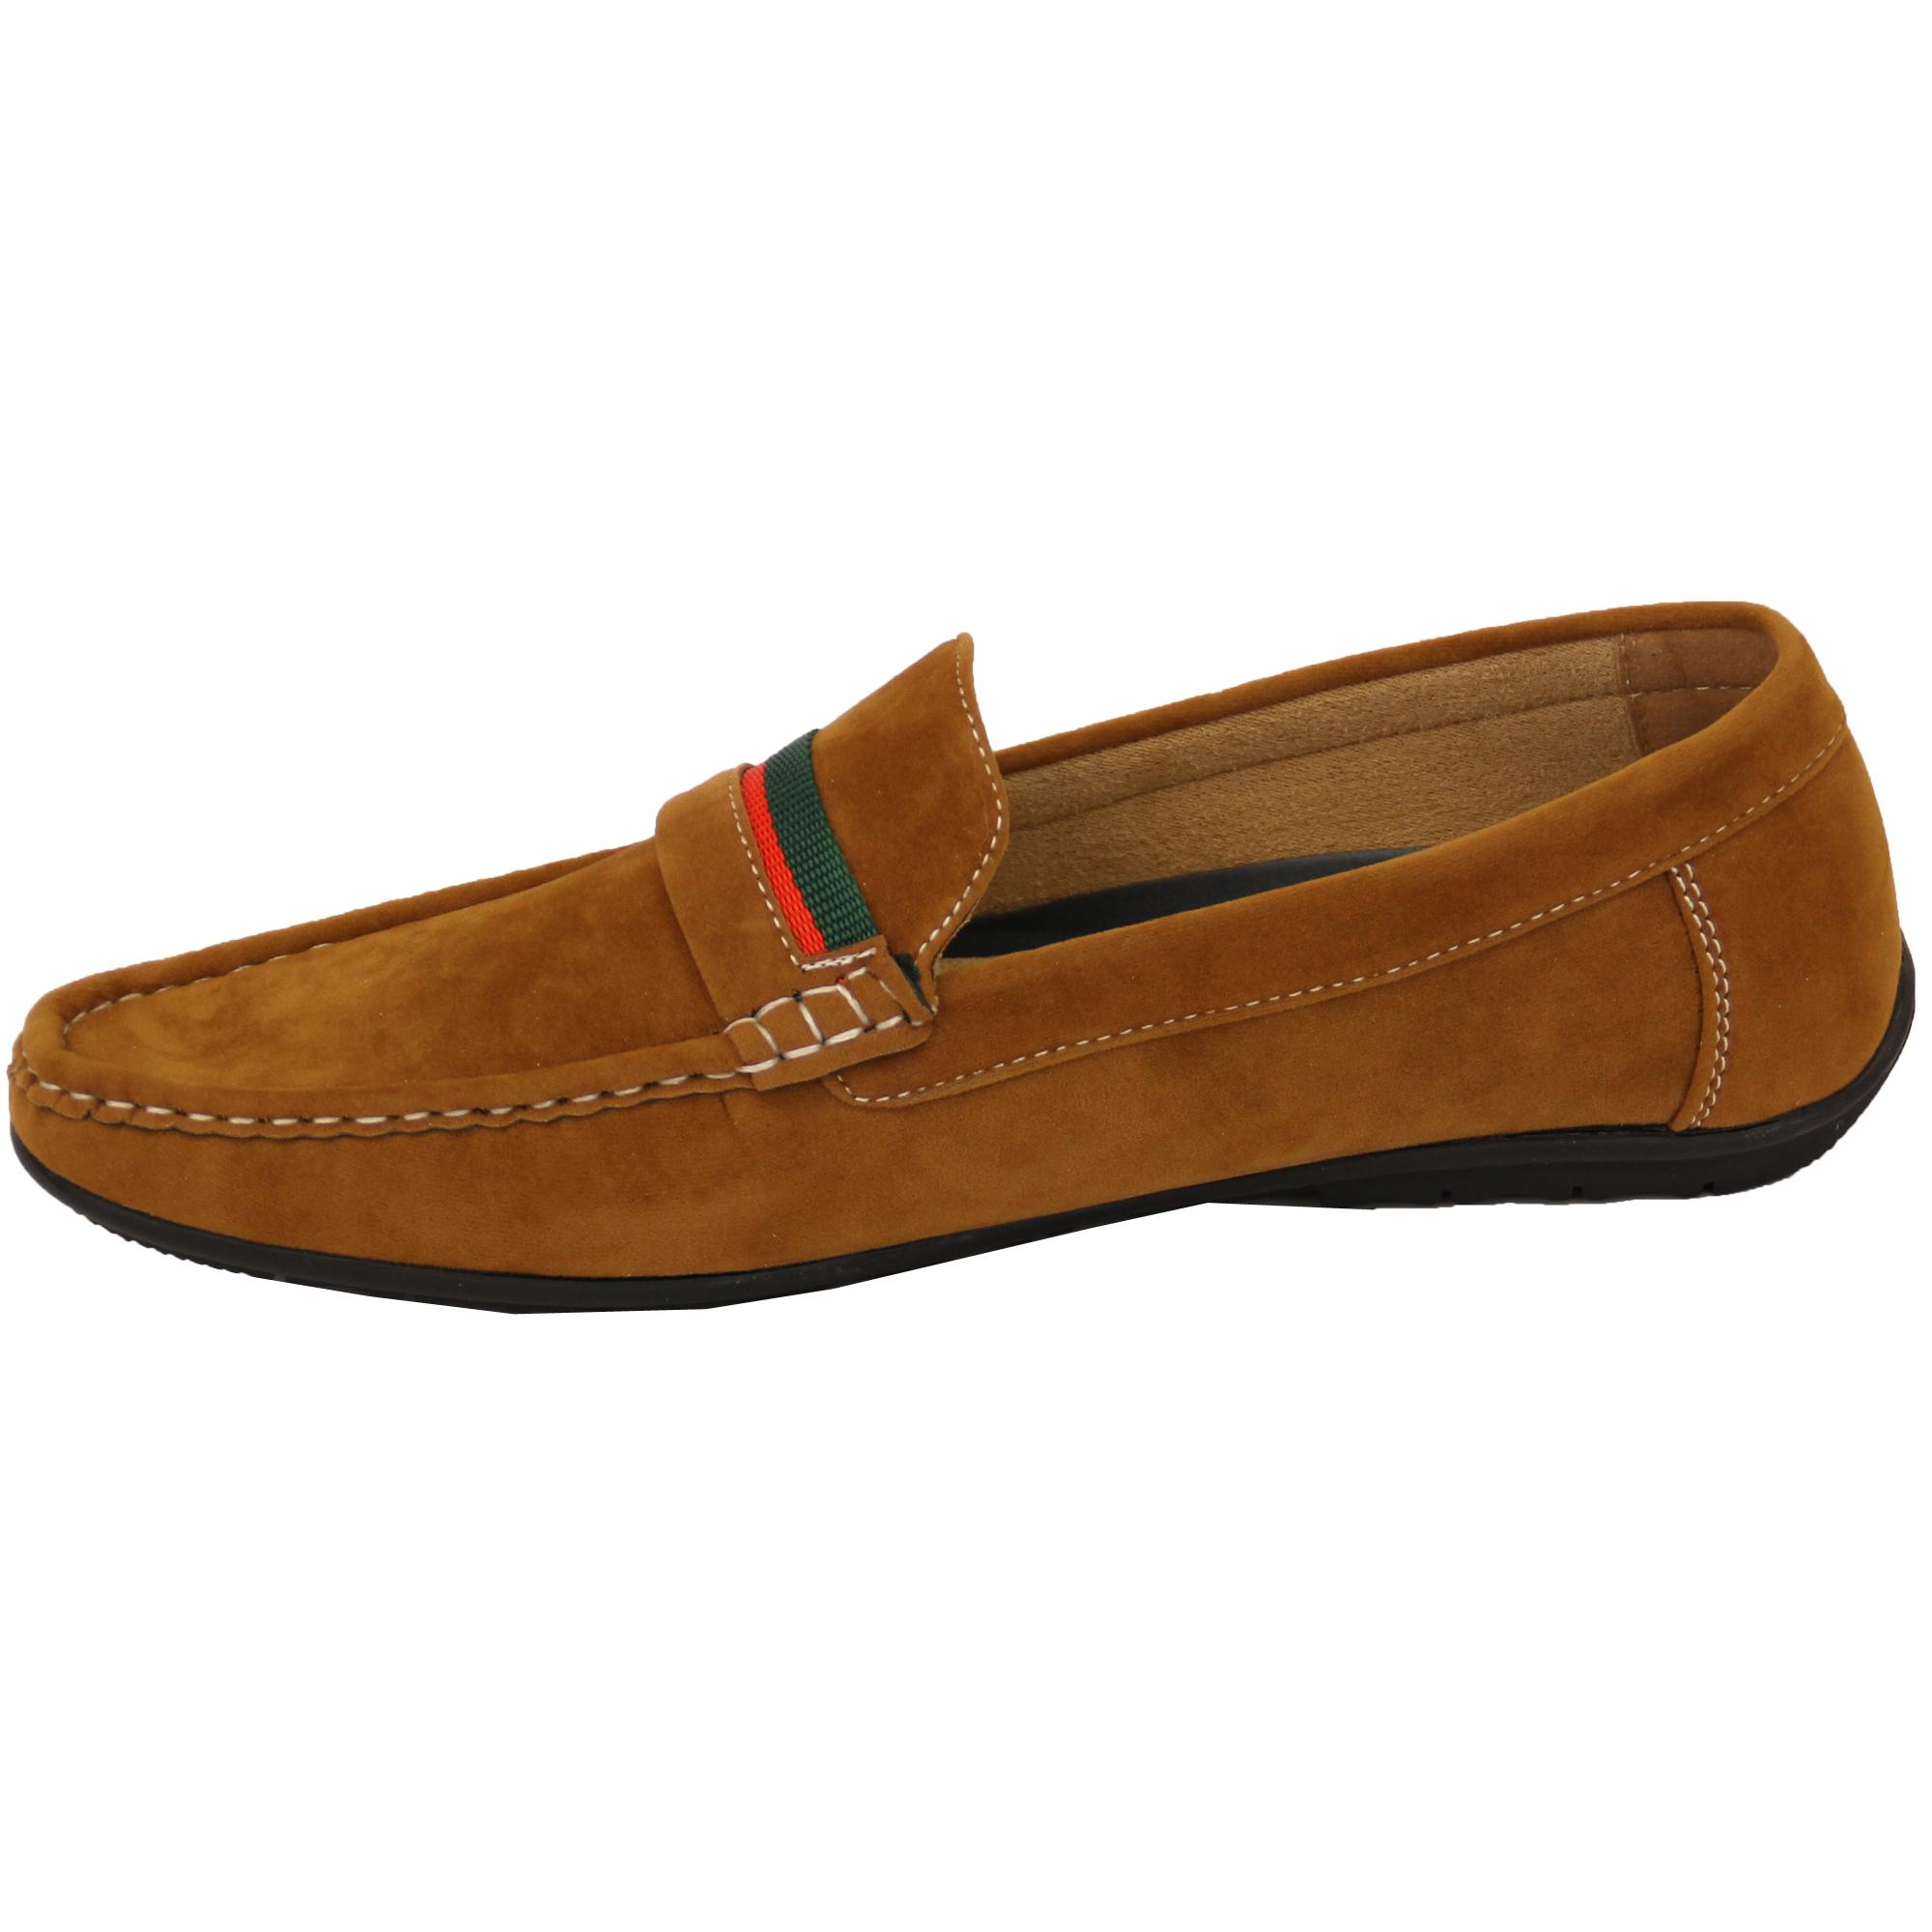 Mens Black Suede Moccasins Shoes